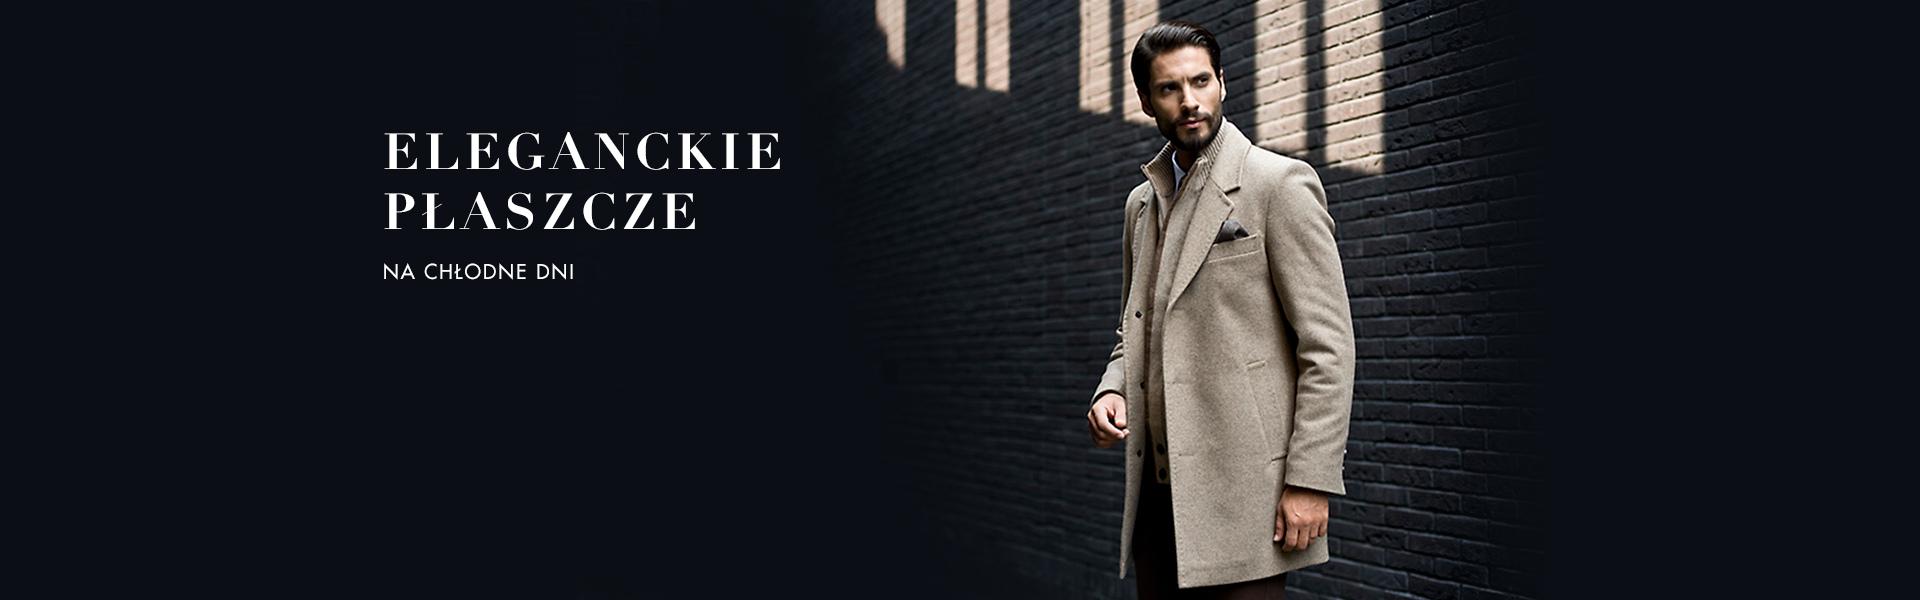 Eleganckie płaszcze